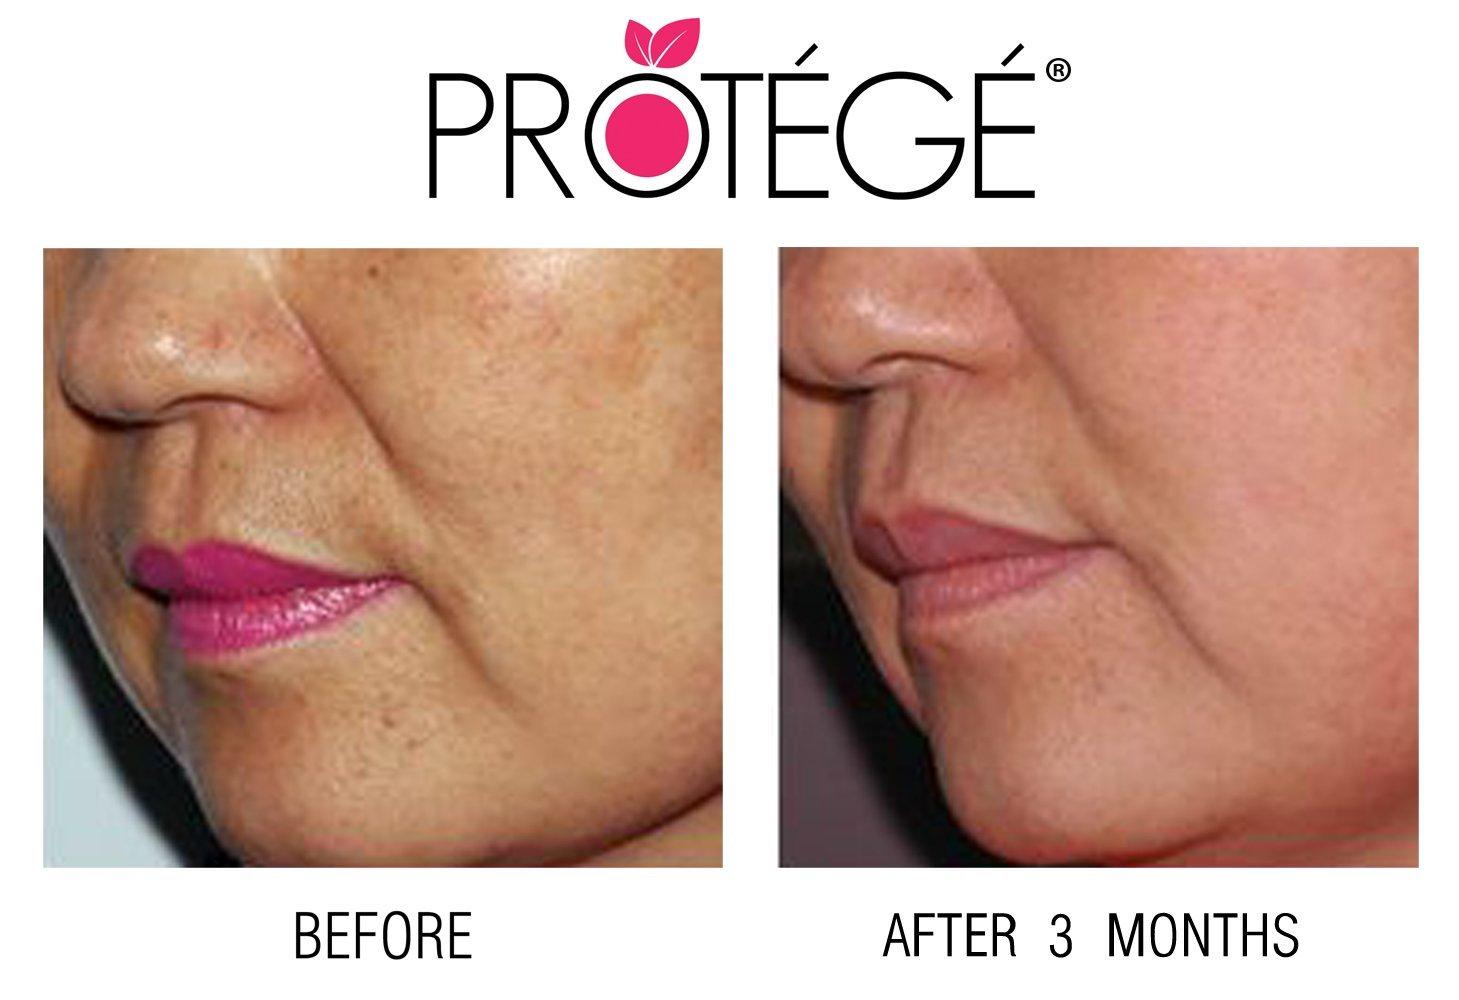 Protege Beauty Luminate crema aclarante para la piel natural/reduce las manchas oscuras 60 ml: Amazon.es: Belleza